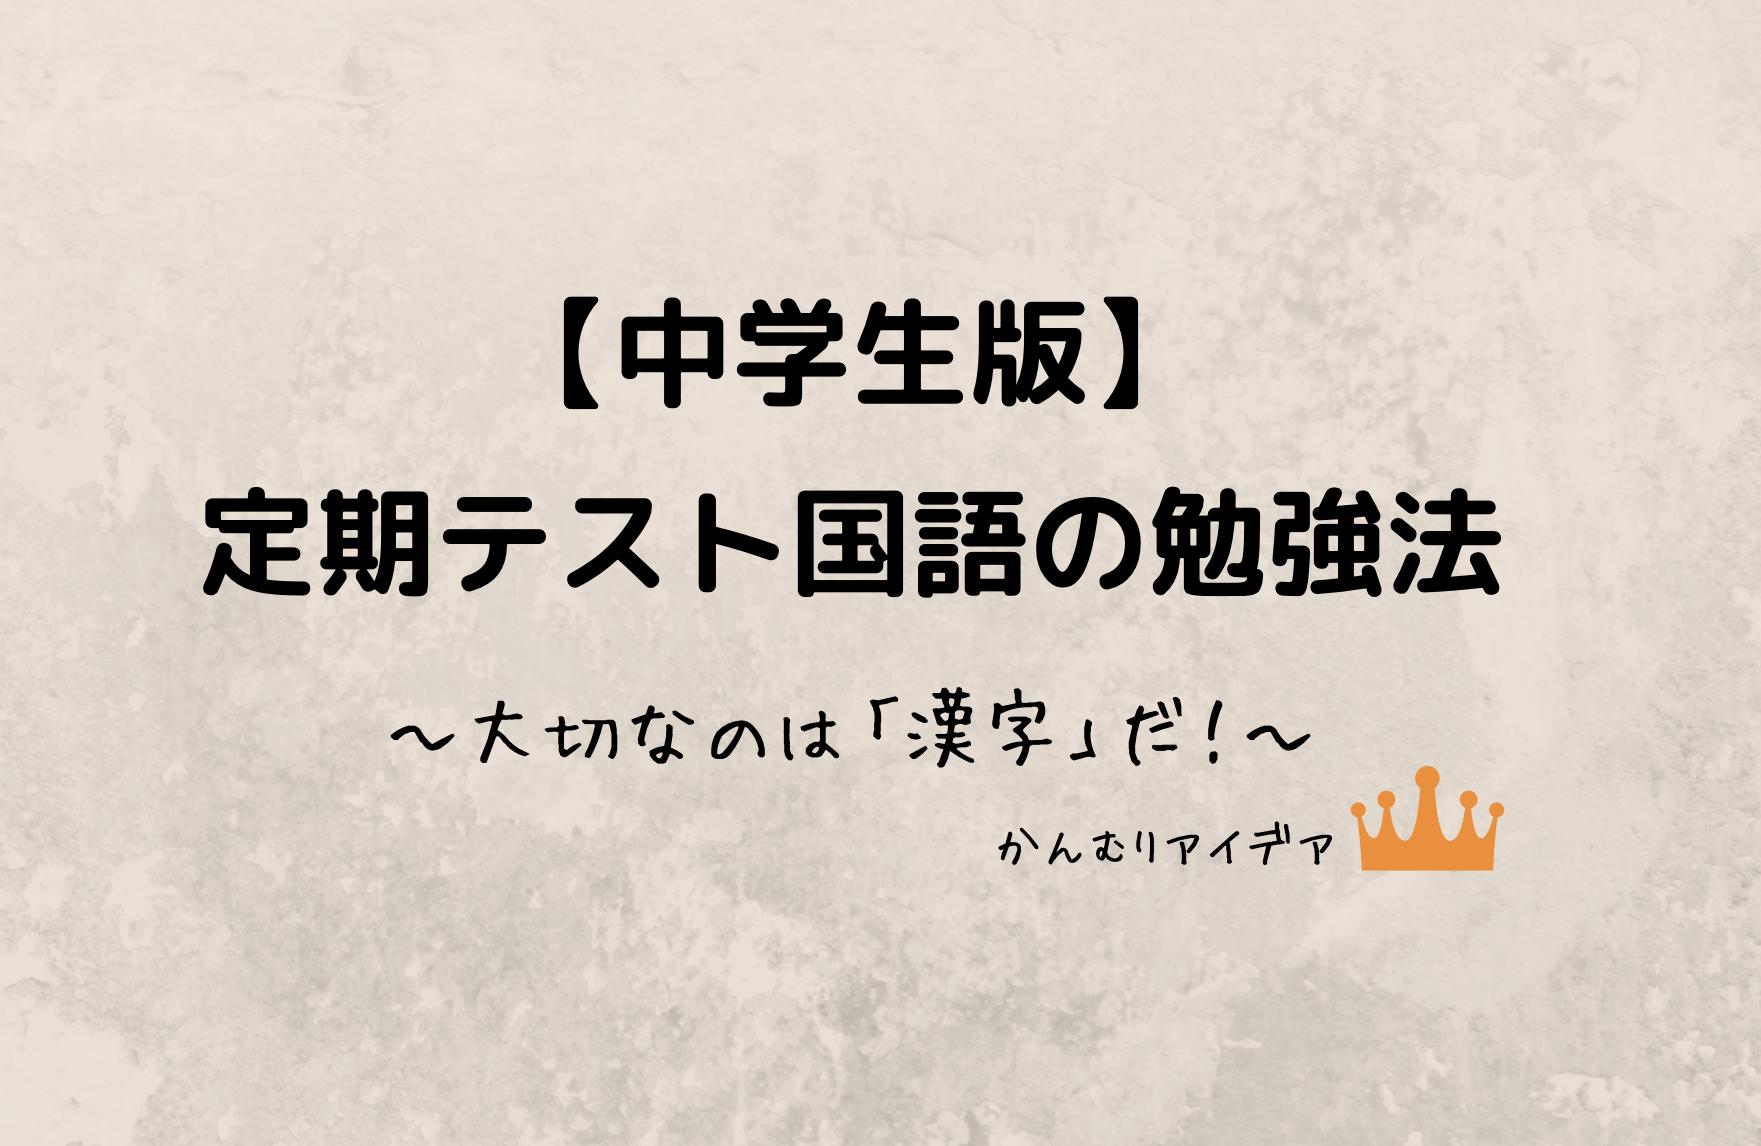 【中学生版】国語の勉強法は漢字が命 定期テスト対策の「やること」